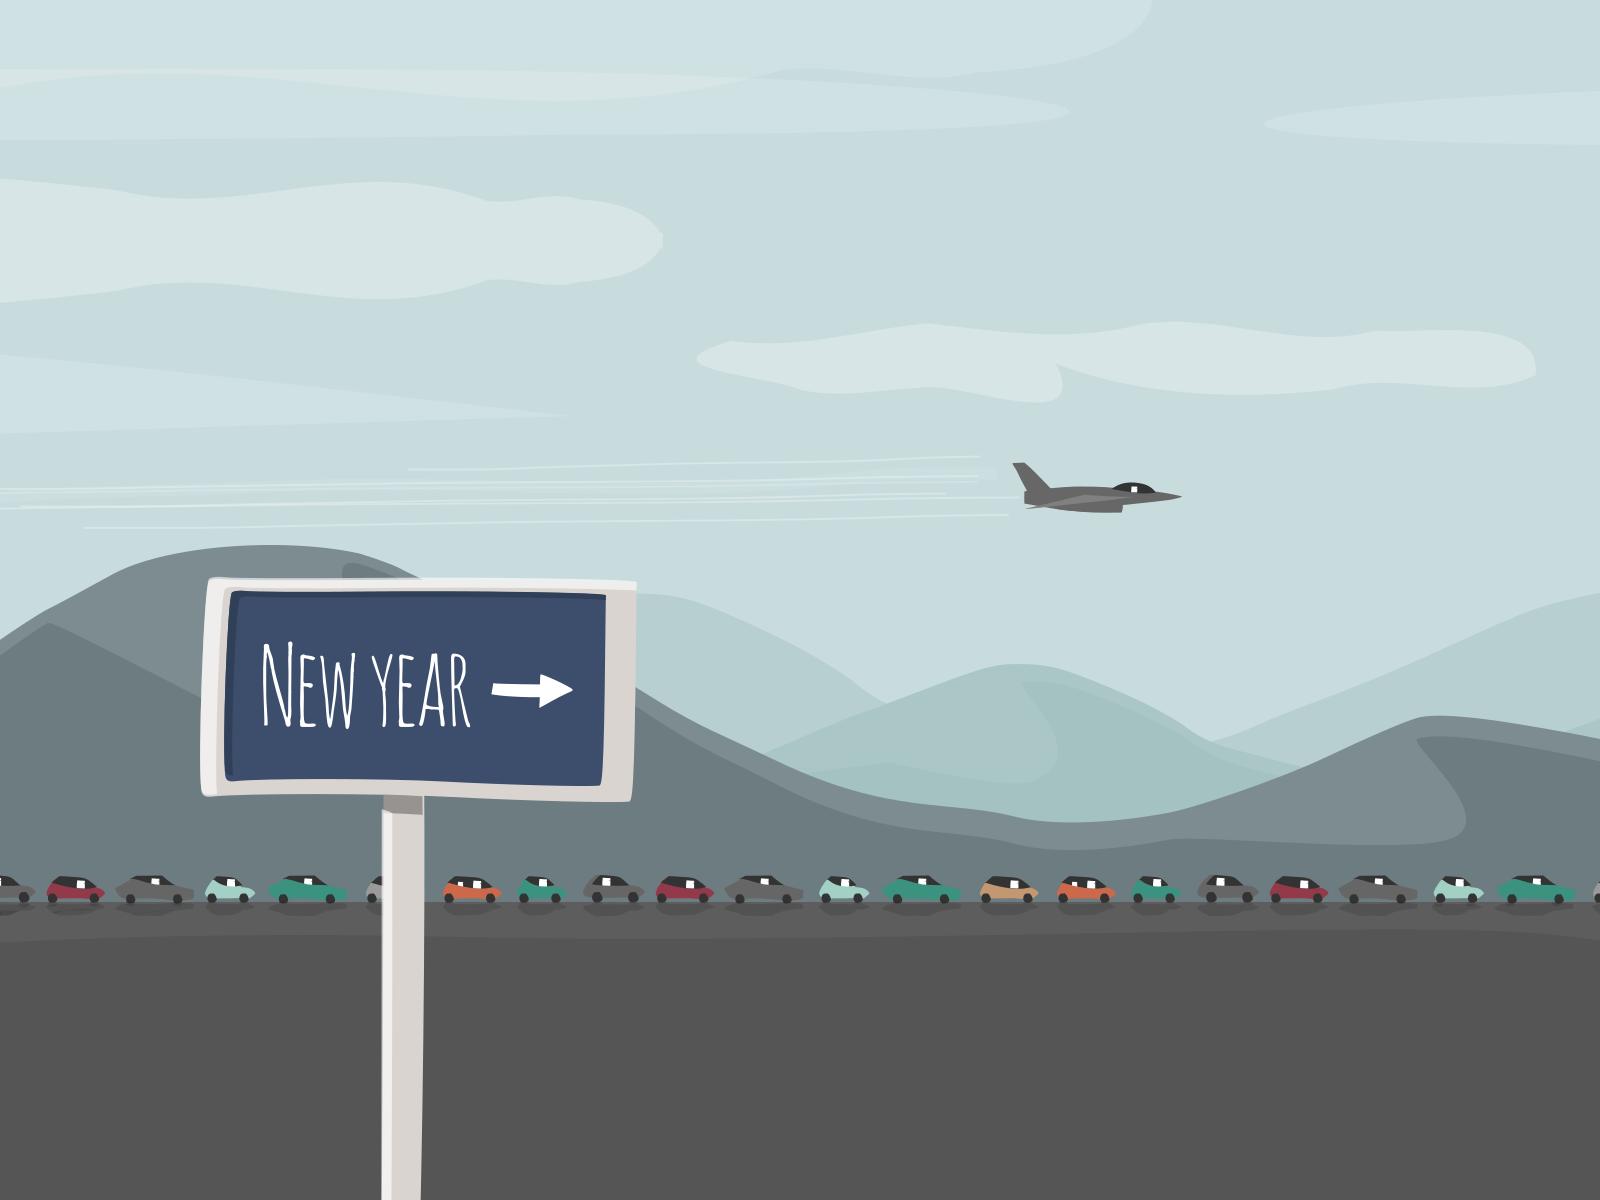 toward_new_year.png